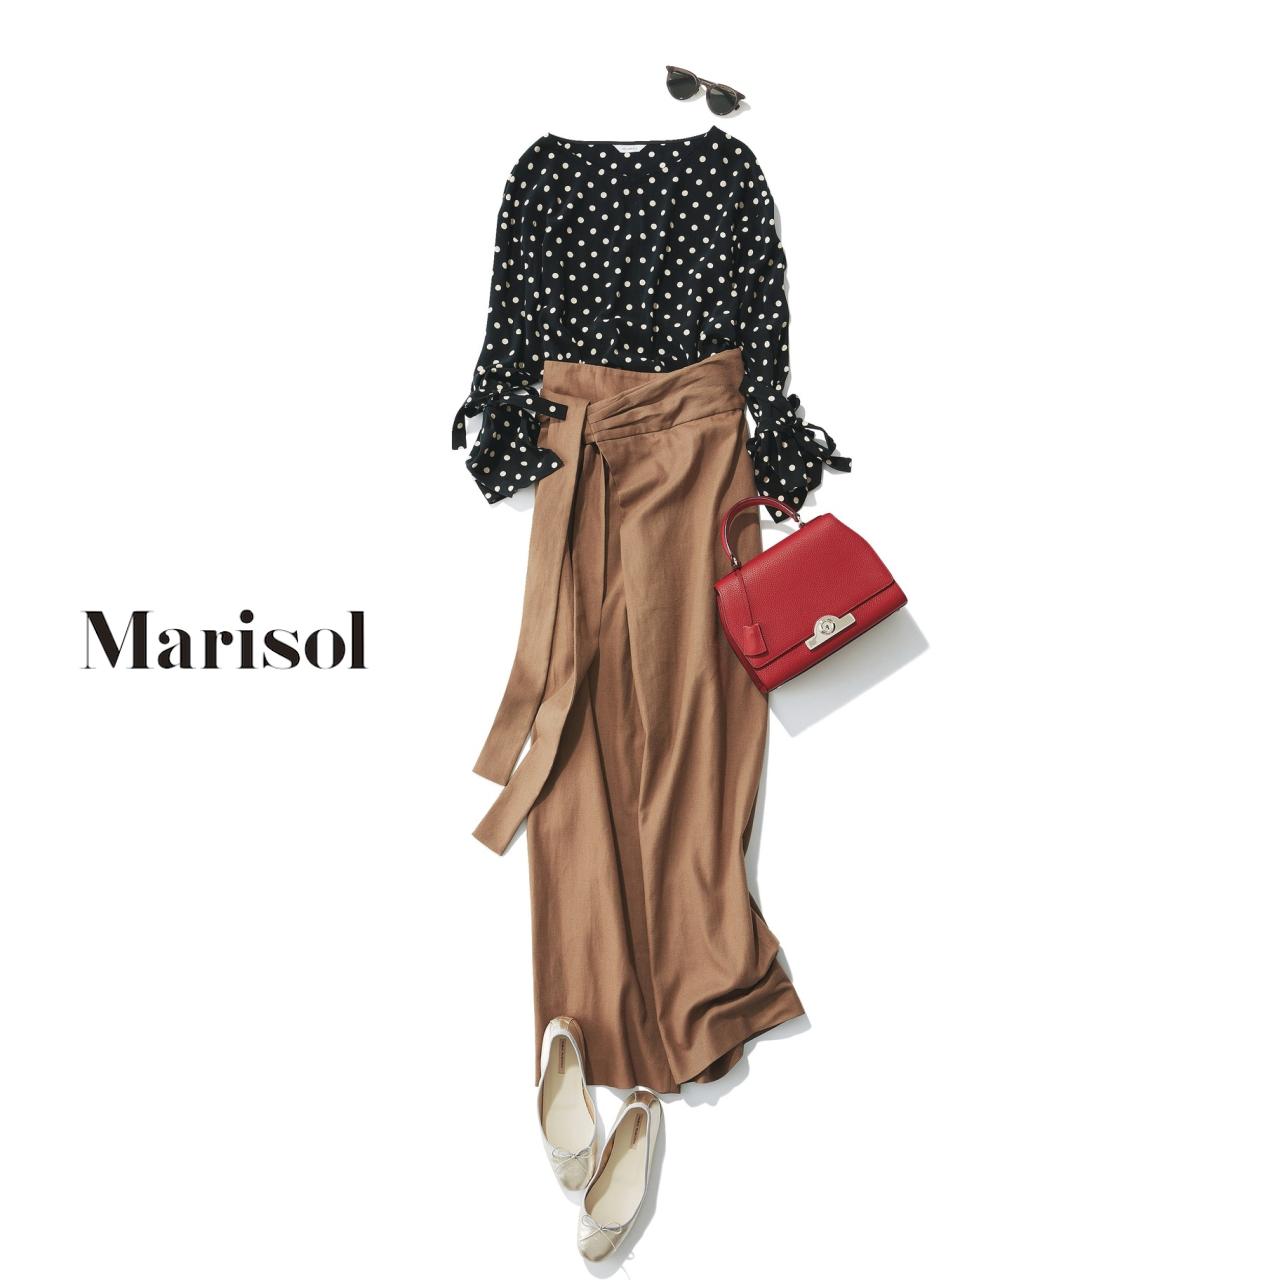 a6b5ea8178d3 合わせる小物は淡い色よりもビビッドな赤いバッグを選べば、きりっと印象が締まってより華やかで女っぷりの高い着こなしに。